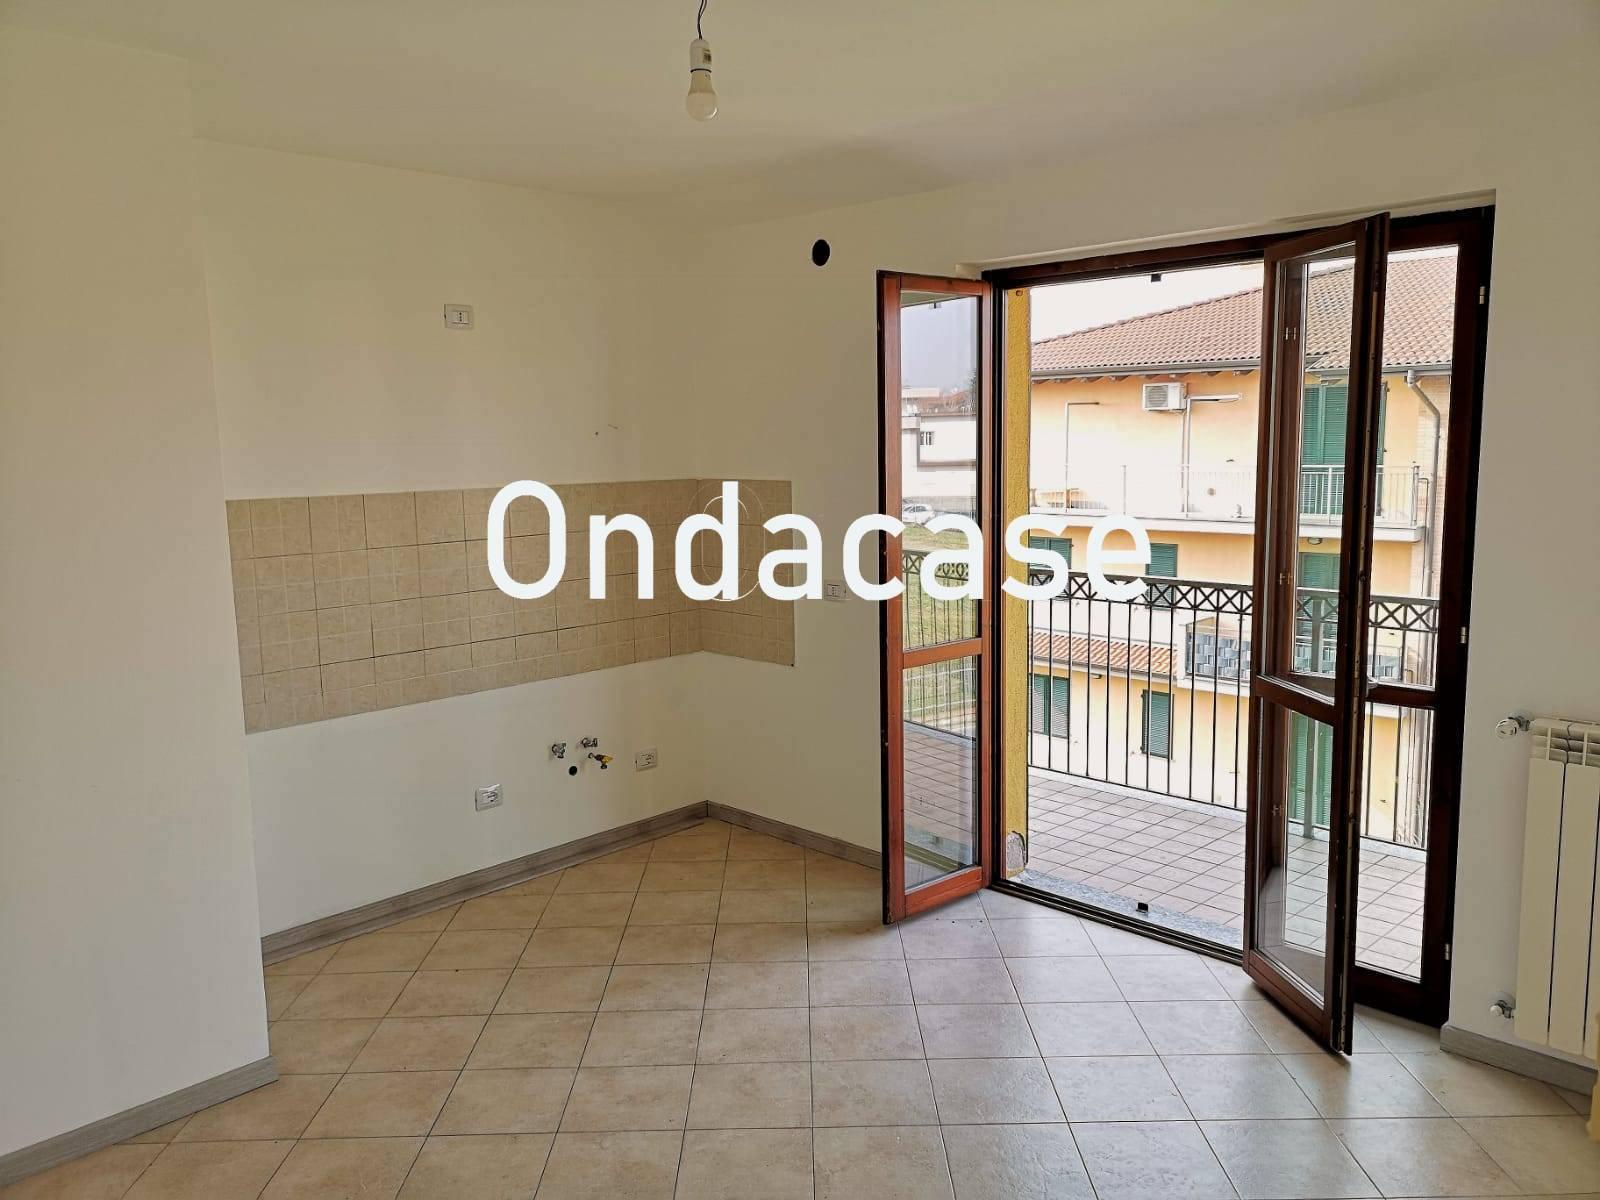 Appartamento in vendita a Capriate San Gervasio (BG)